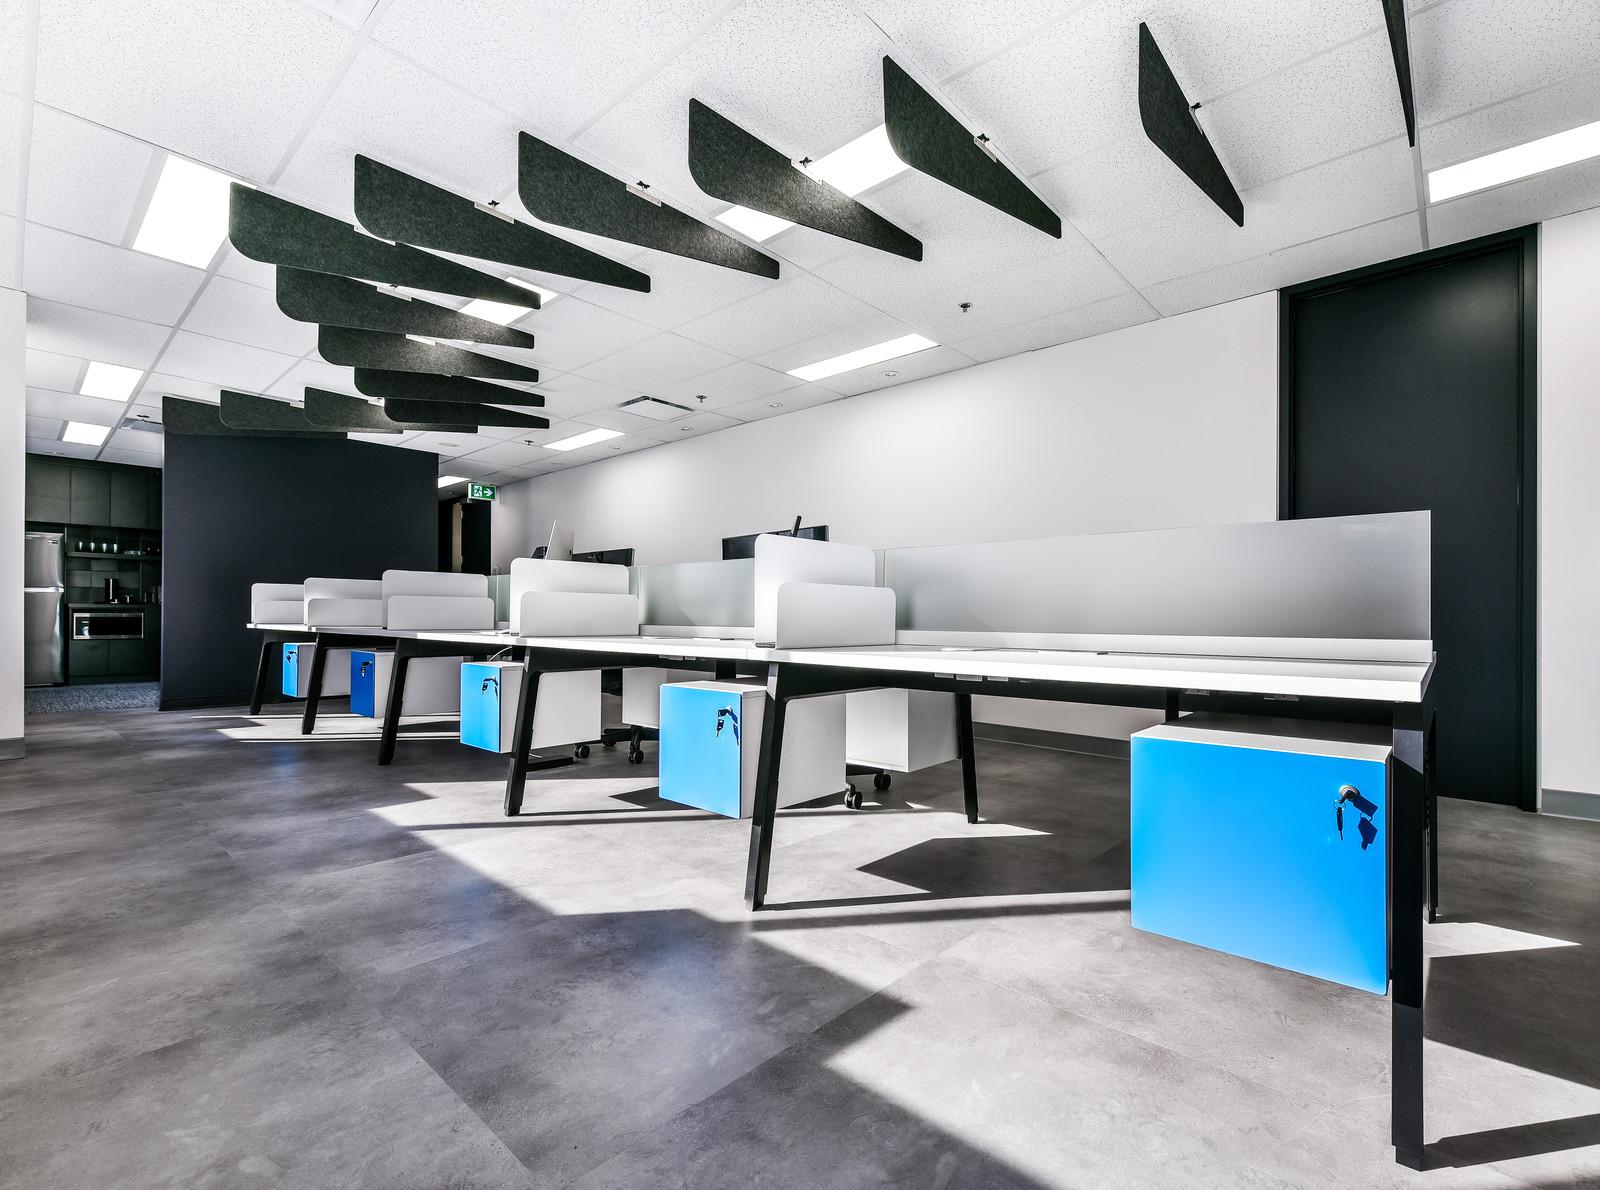 Bureau architecture portfolio